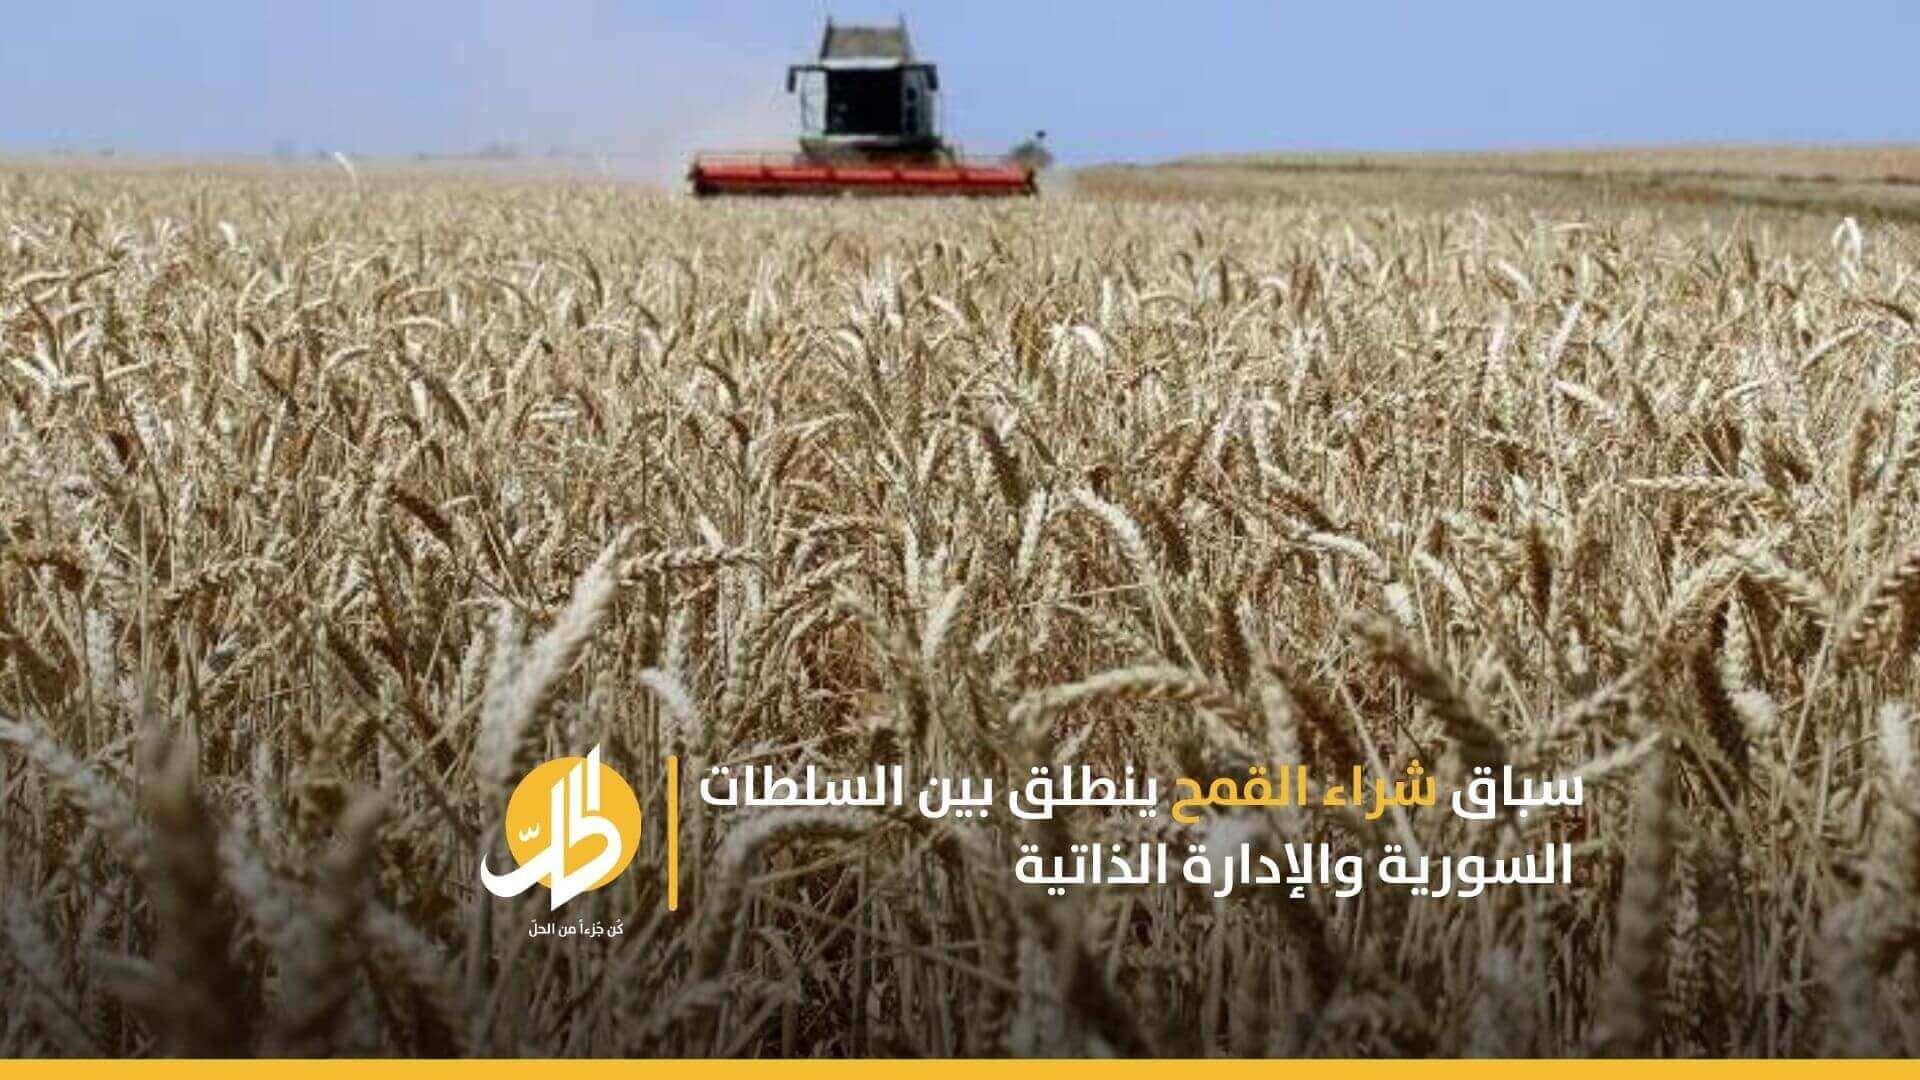 سباق شراء القمح ينطلق بين السلطات السورية والإدارة الذاتية